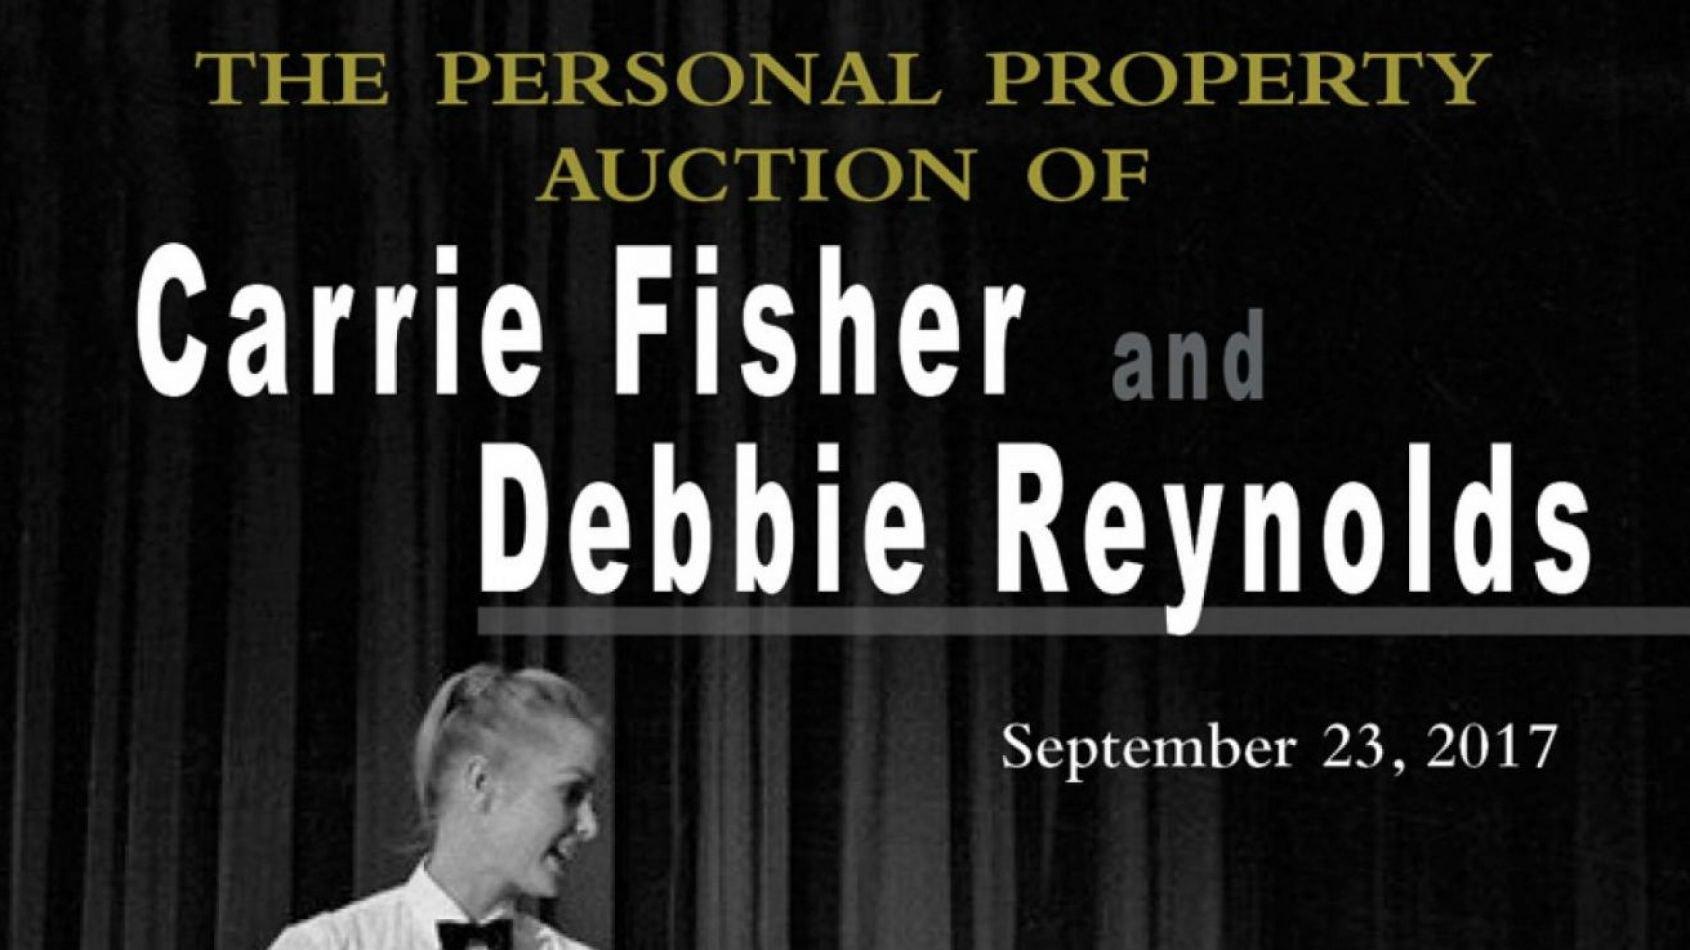 Vente aux enchères des biens de Carrie Fisher et Debbie Reynolds